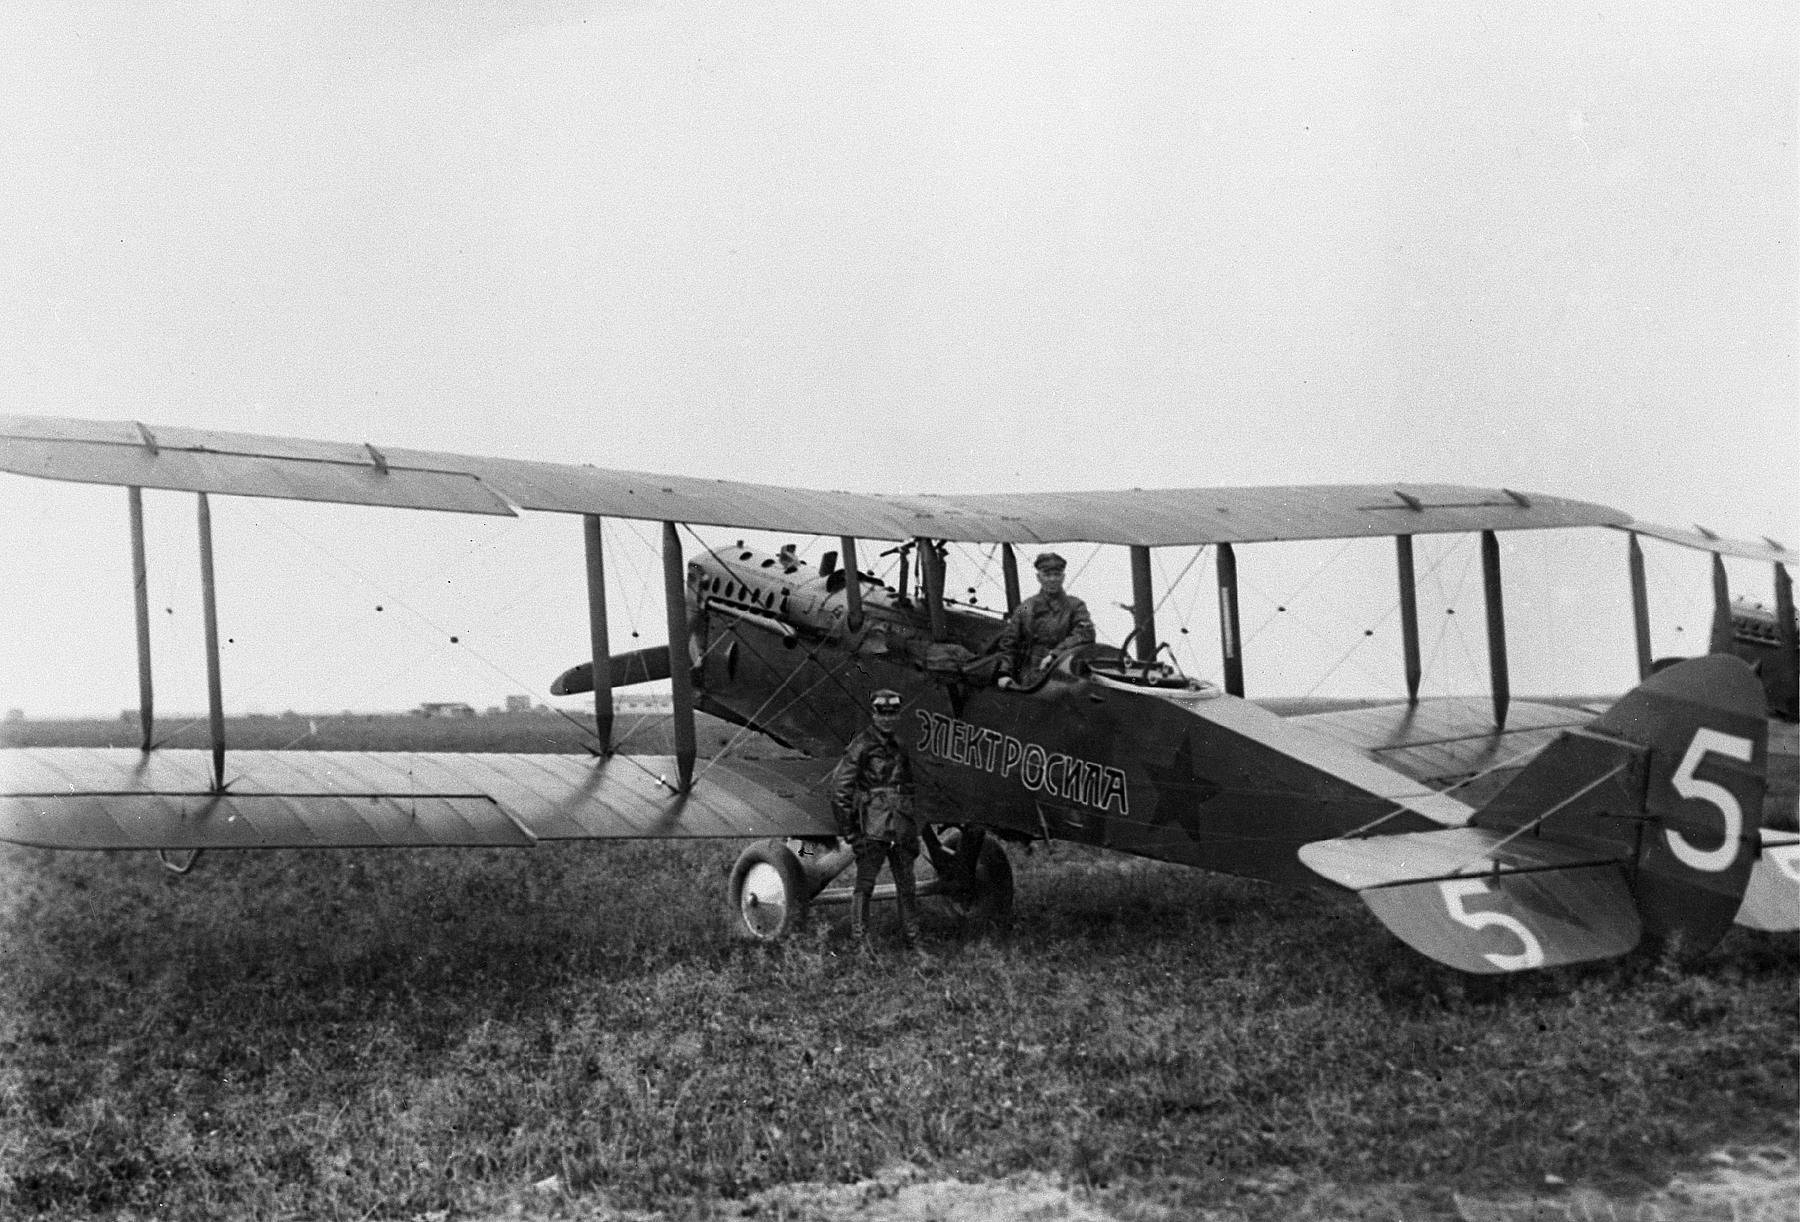 Поликарпов Р-1 (лето 1924 г.)